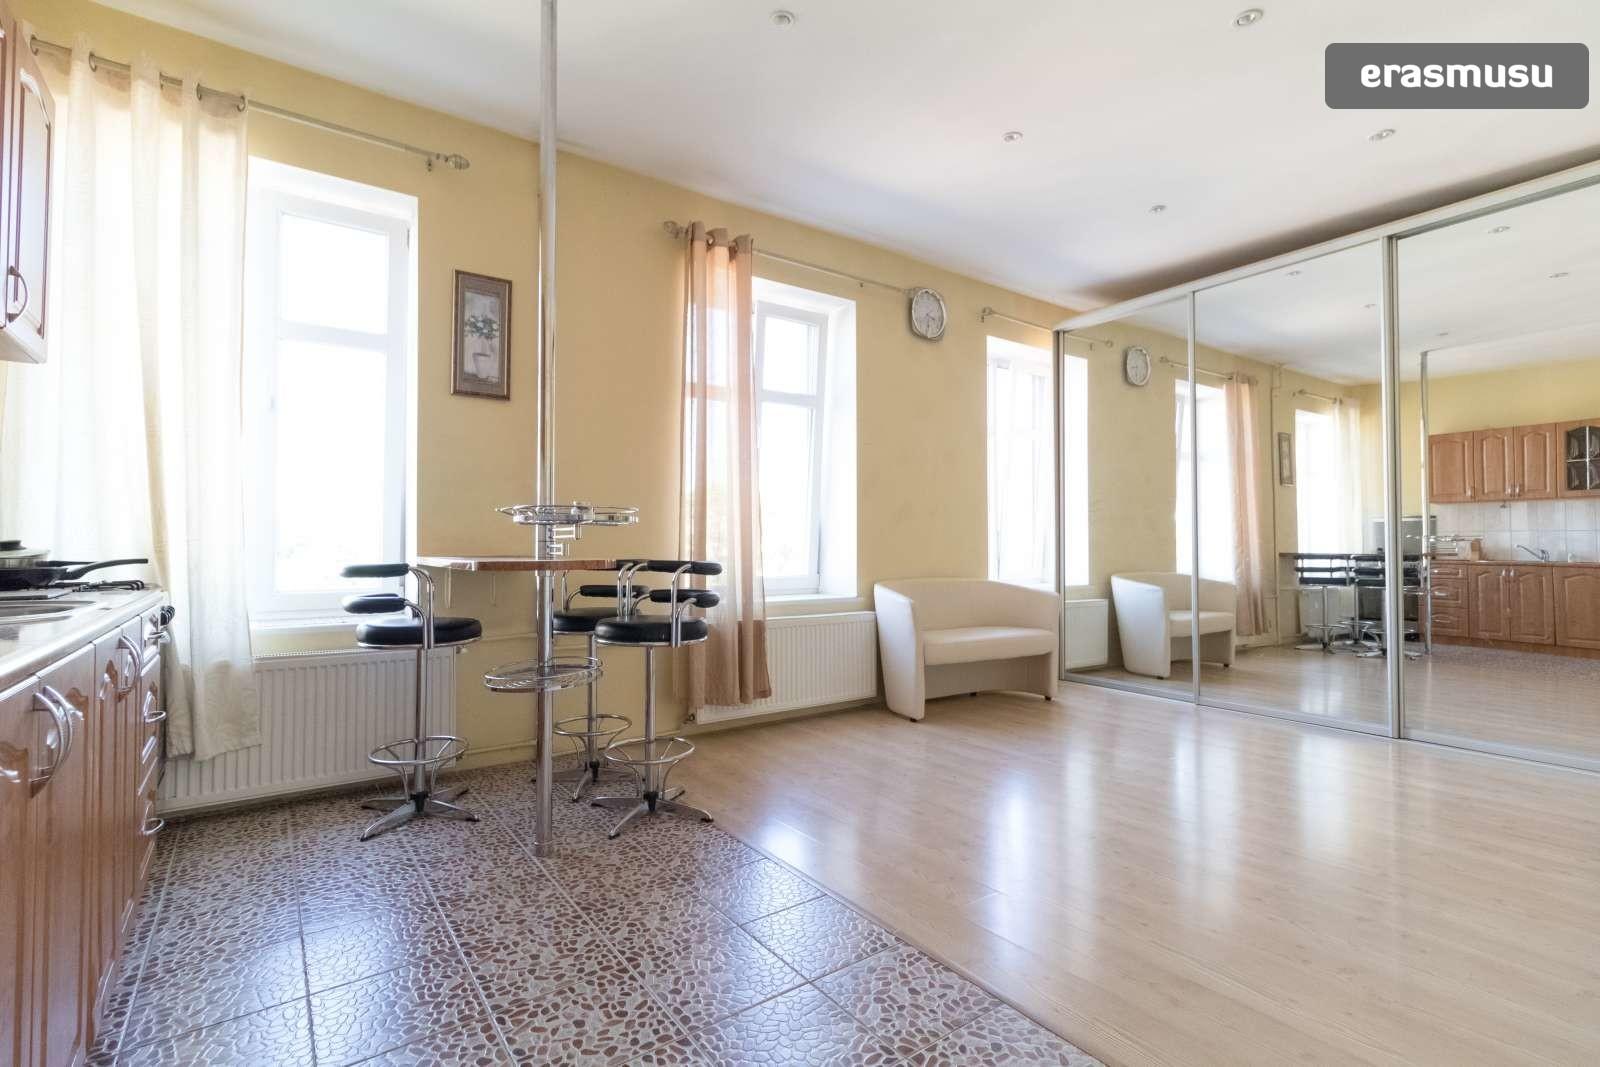 bright-studio-apartment-rent-centrs-064ee31f9e81008549567a095fb4